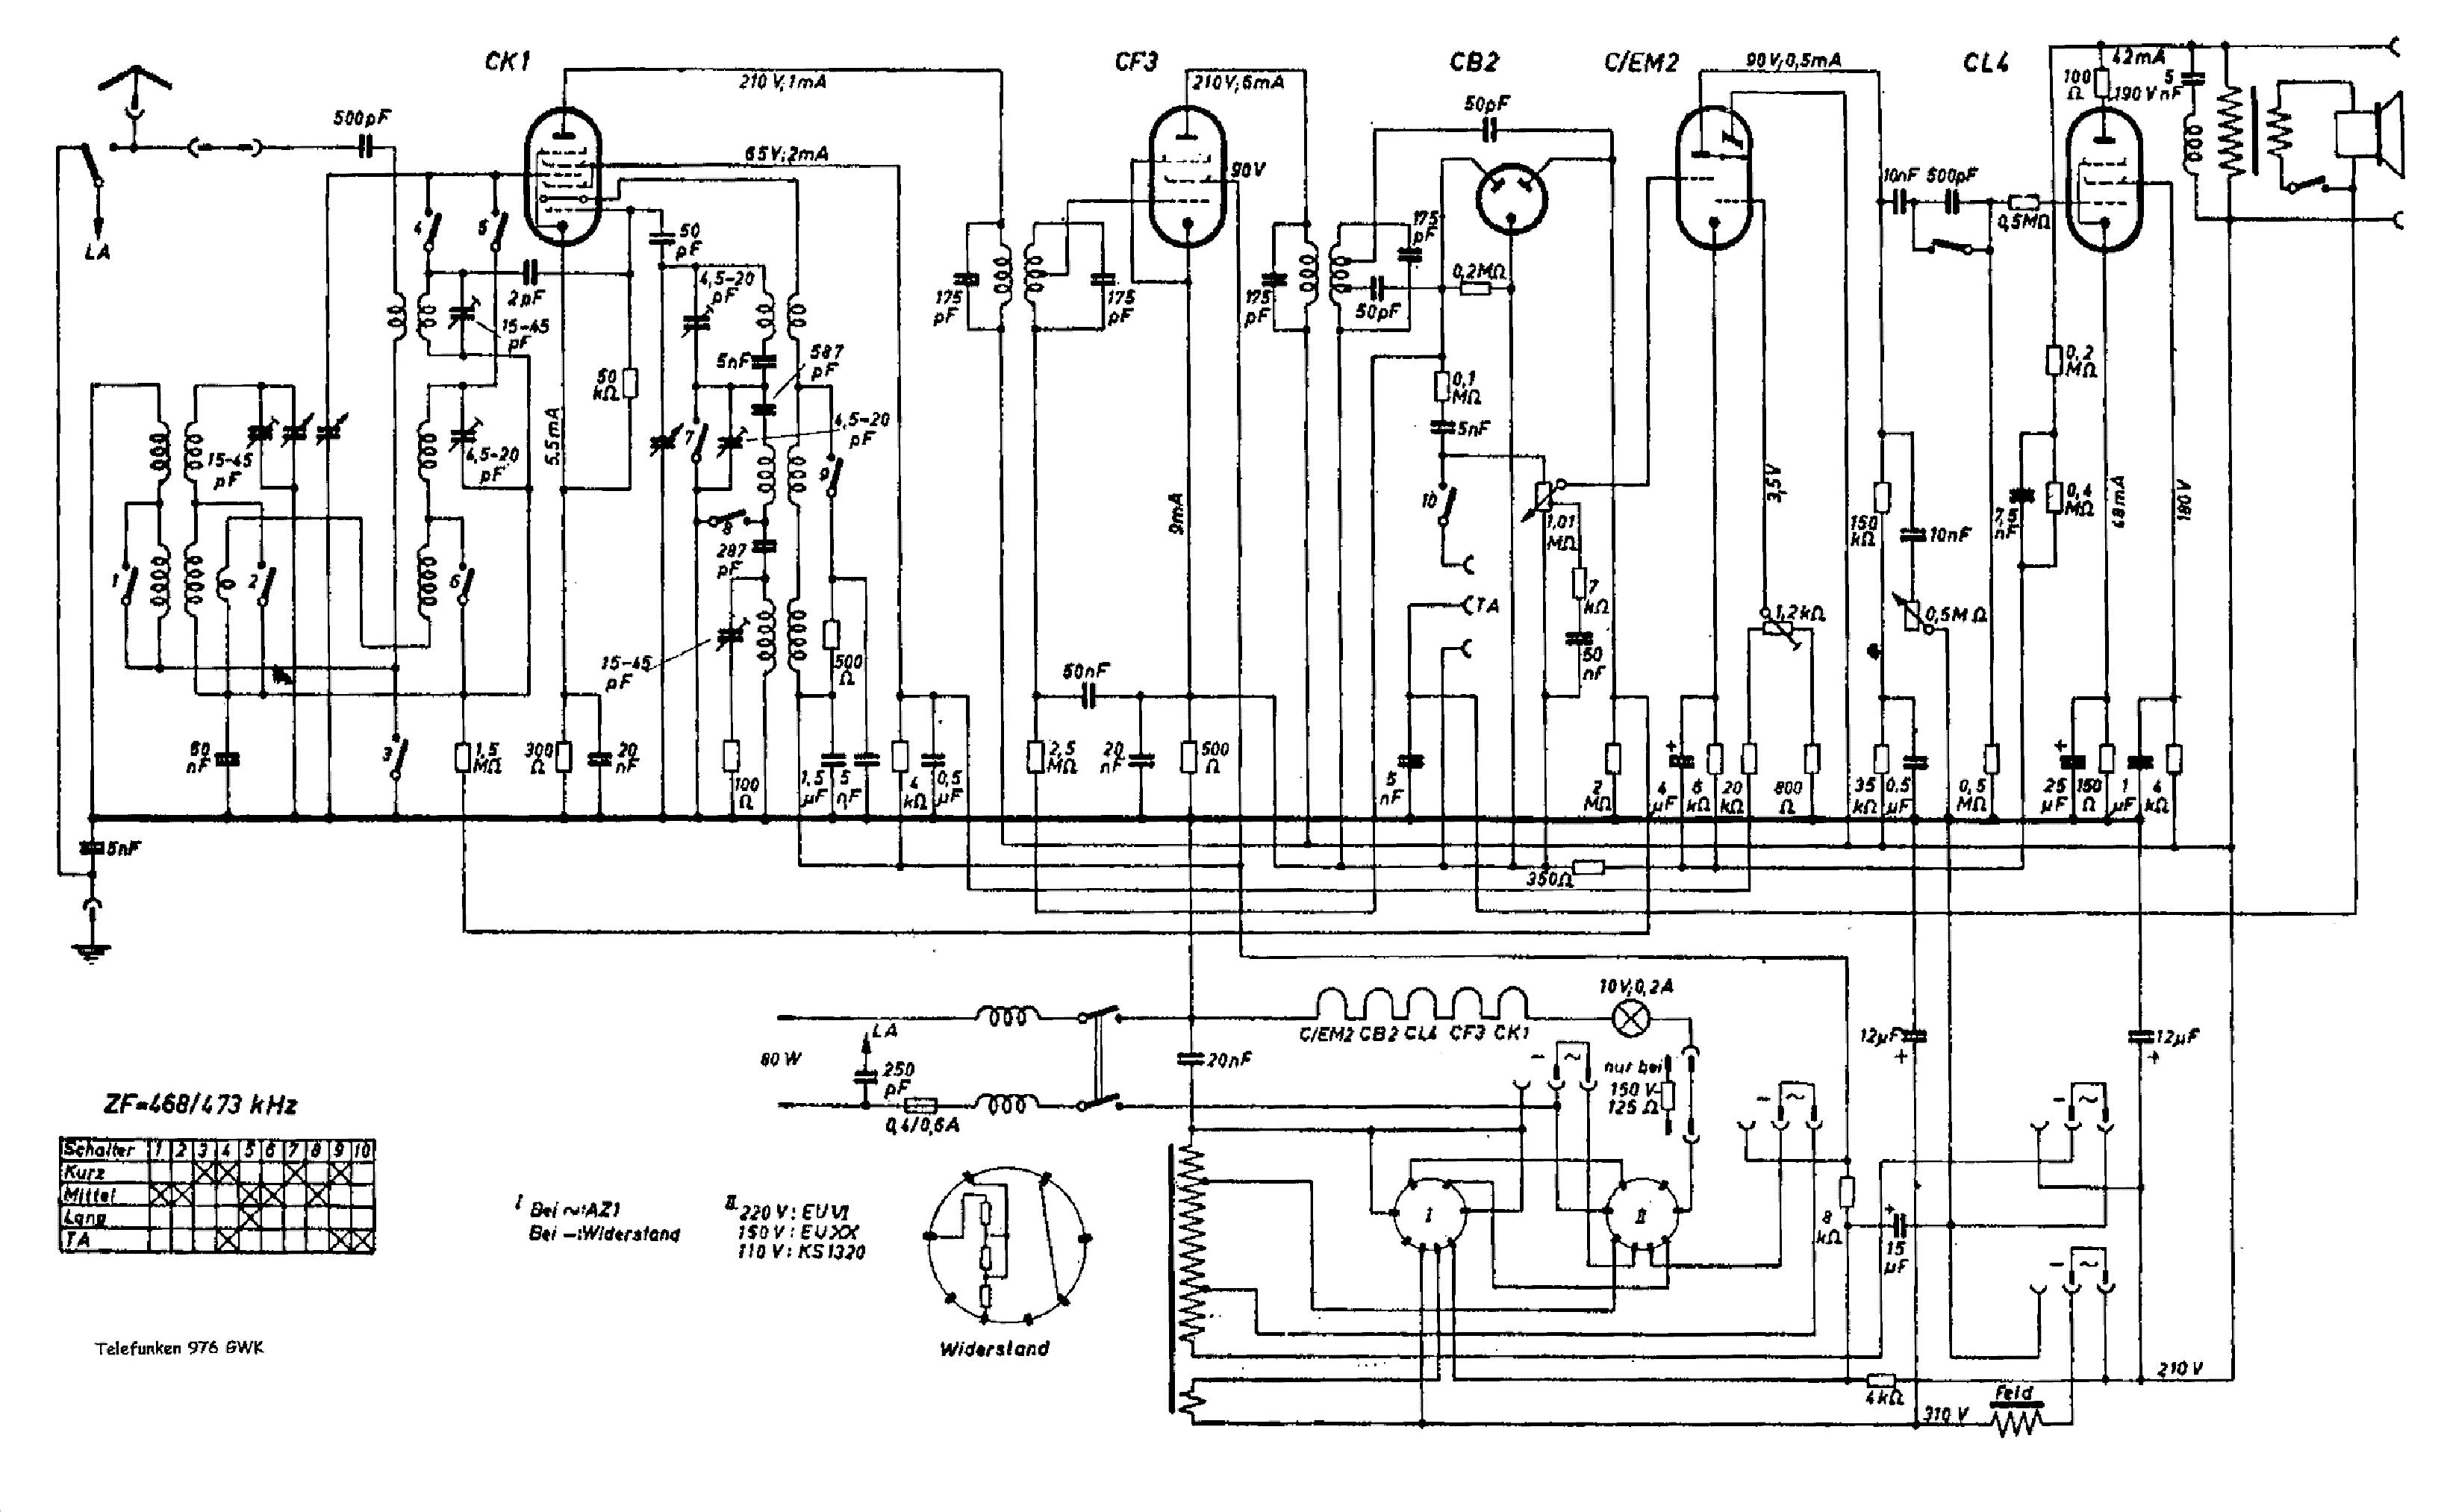 6aq5 Hi Fi Schematic